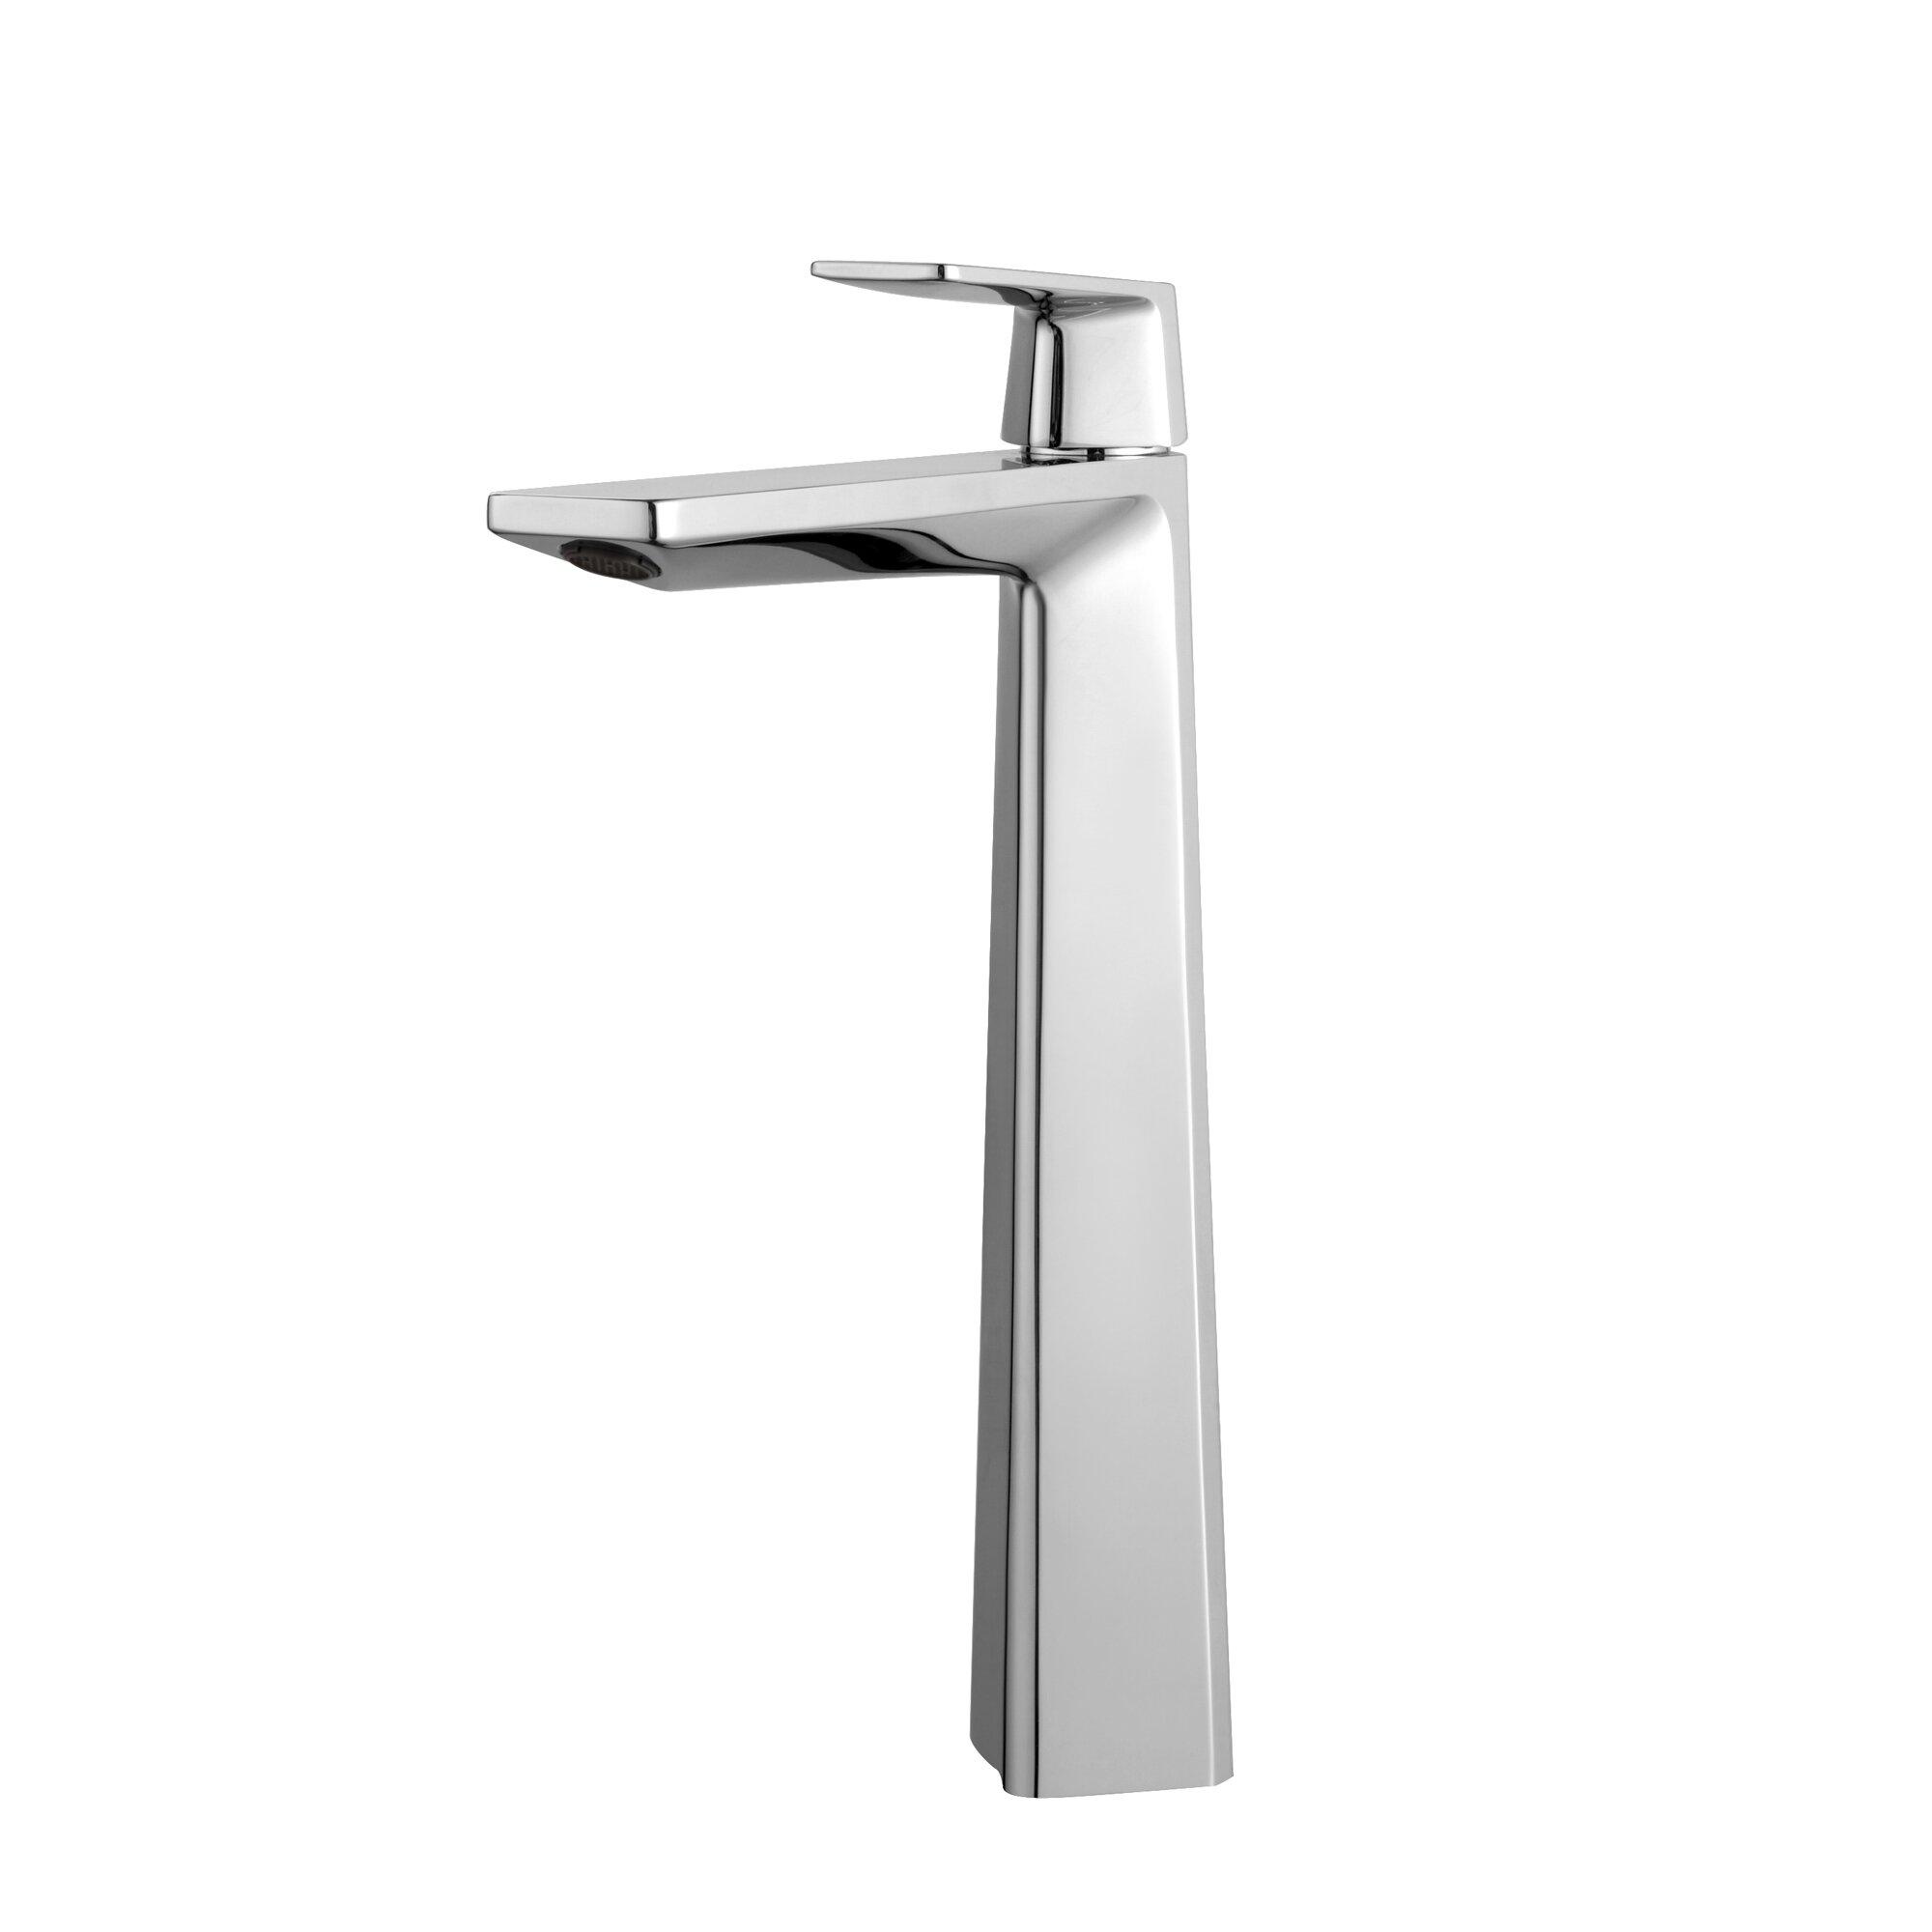 Kraus exquisite single handle vessel faucet reviews - Kraus shower faucets ...